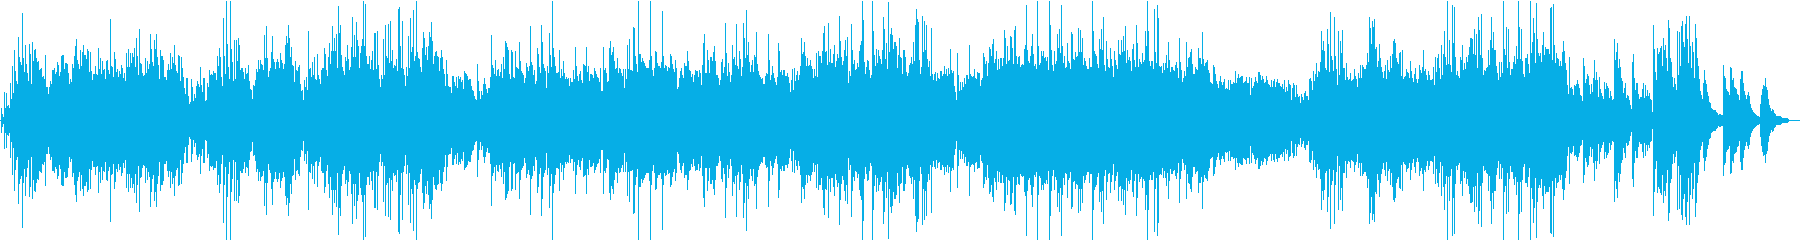 ノクターン第一番作品9-1・アコギの再生済みの波形